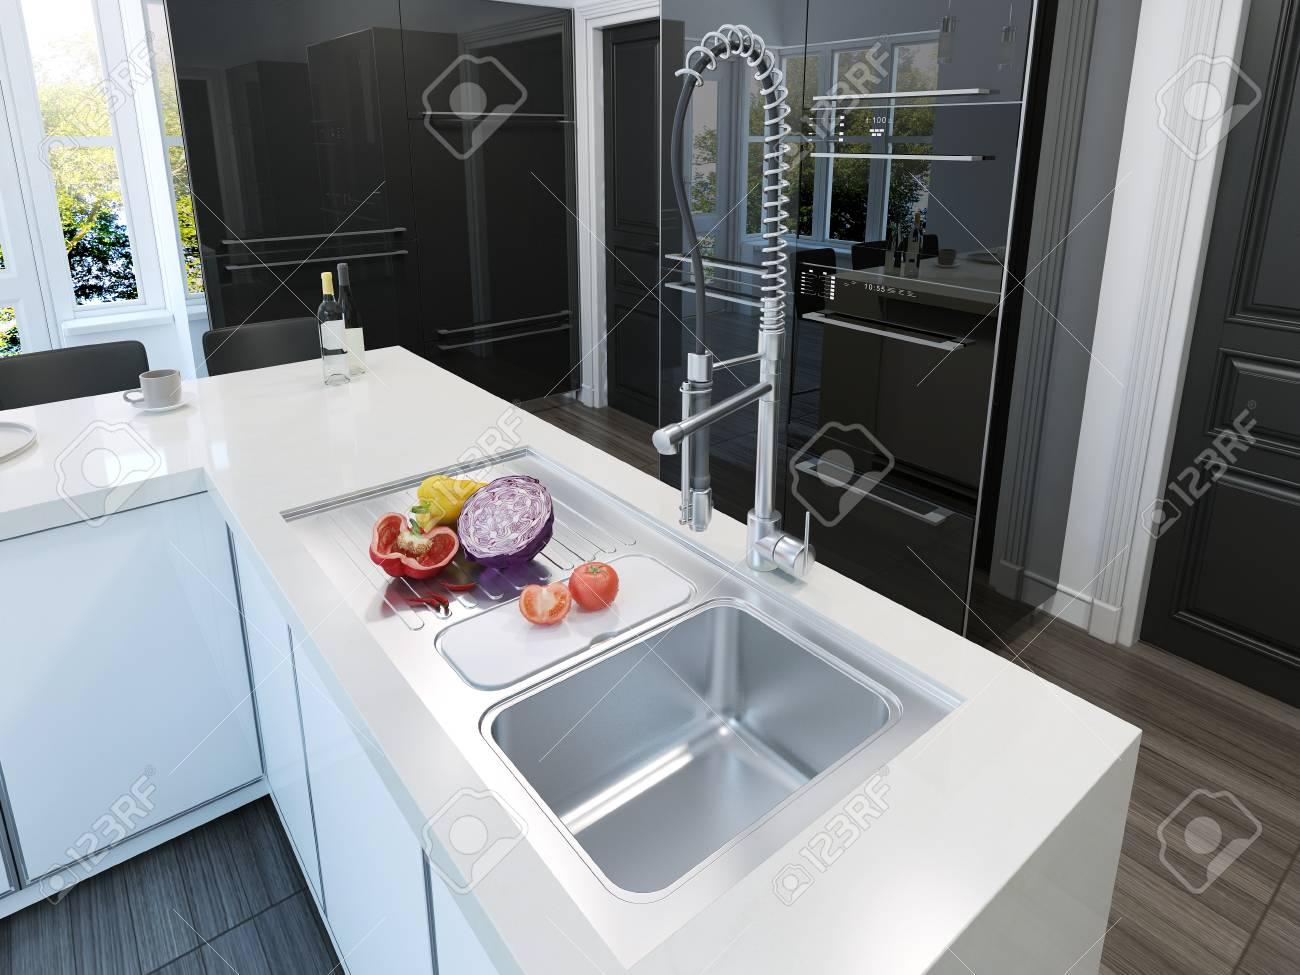 Kücheninsel Moderne. 3D übertragen Lizenzfreie Fotos, Bilder Und ...